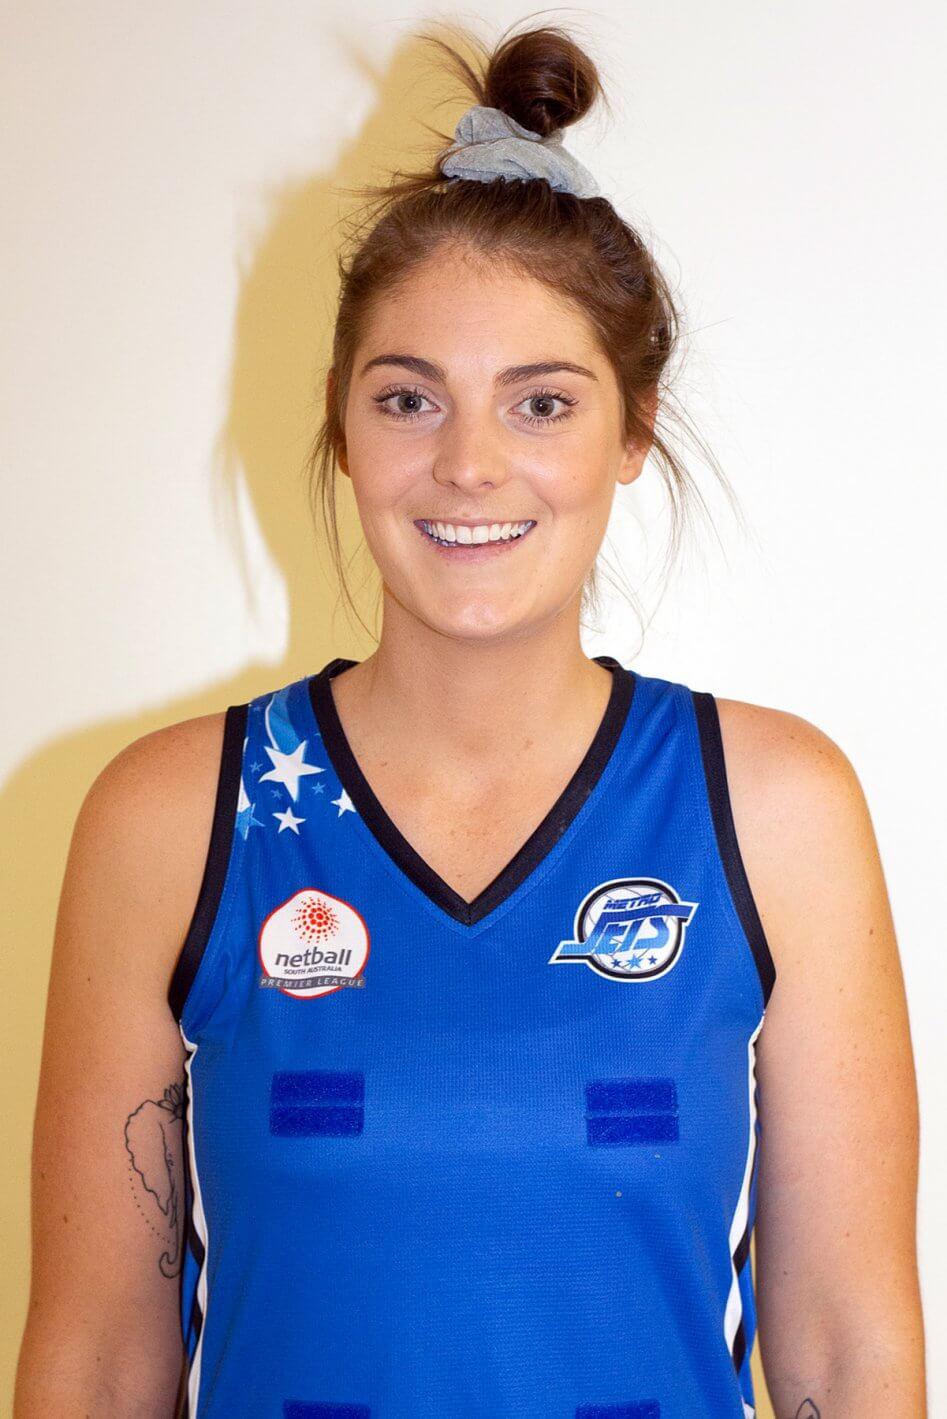 Tamara Killian